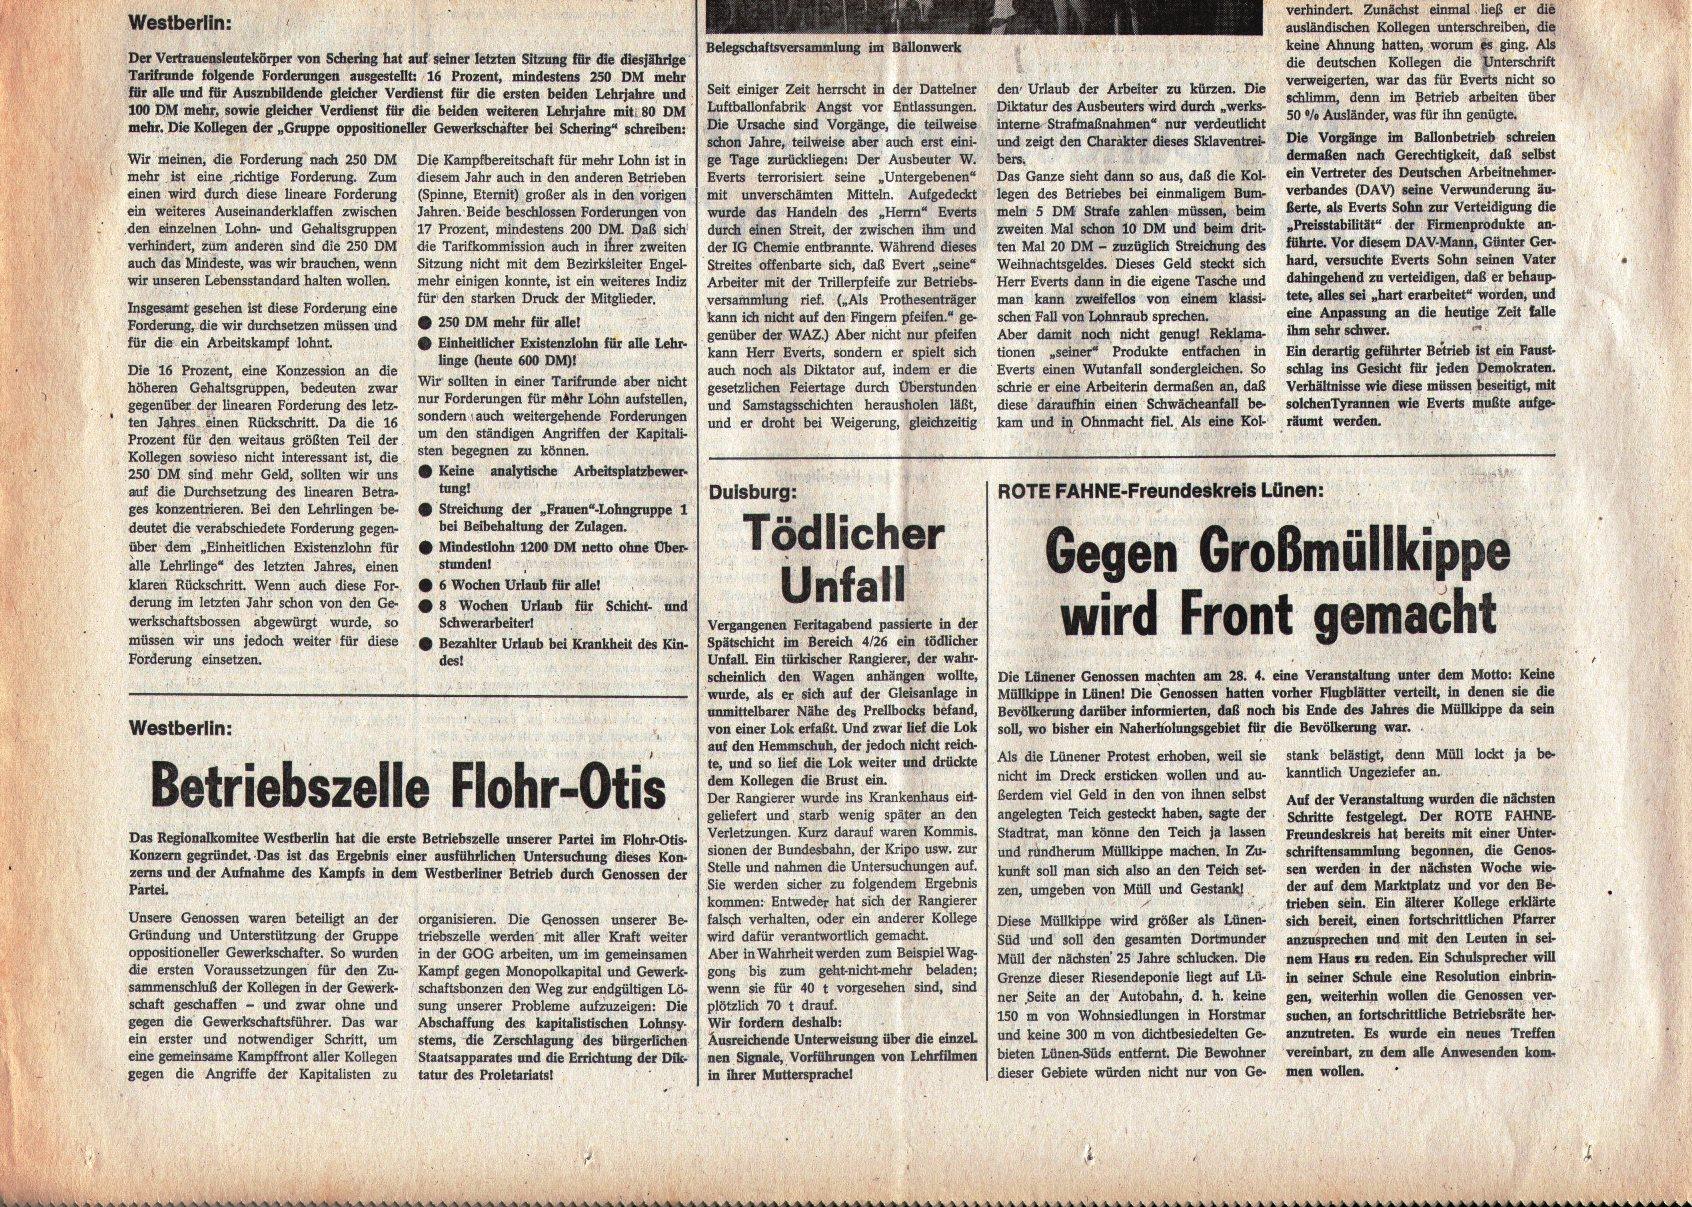 KPD_Rote_Fahne_1974_17_08